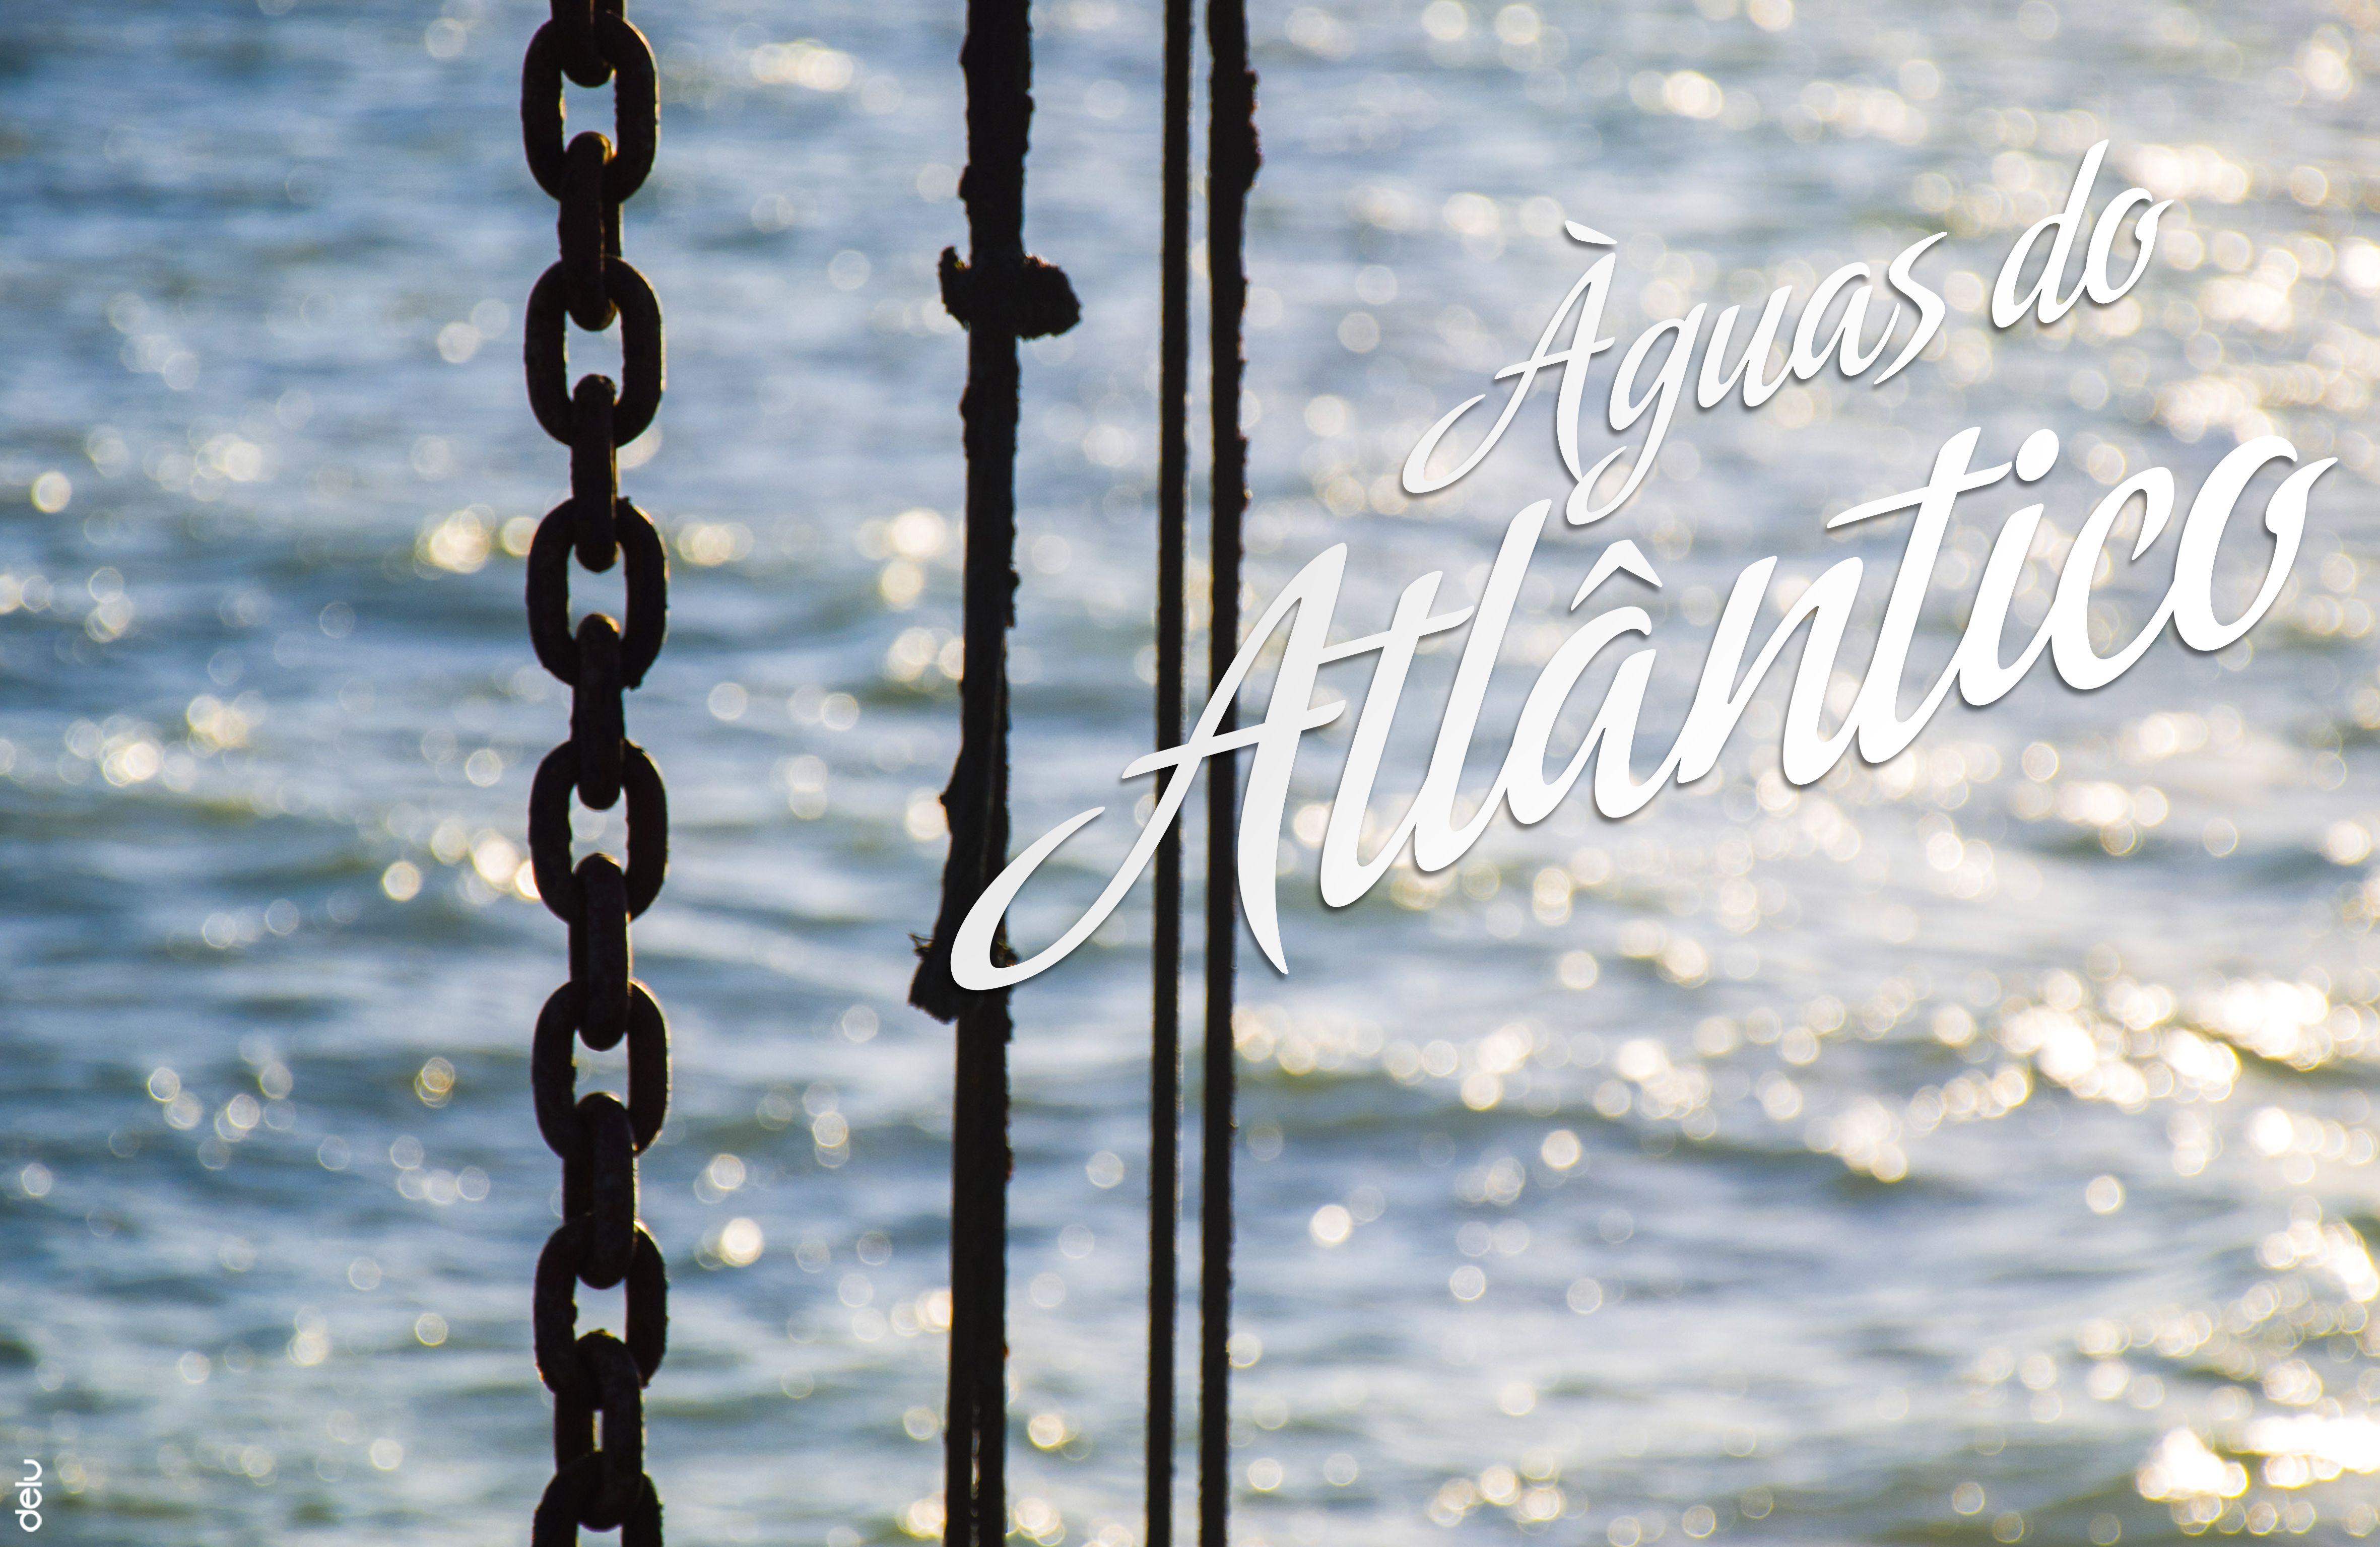 Águas do Atlântico - fotografia e contexto / delu